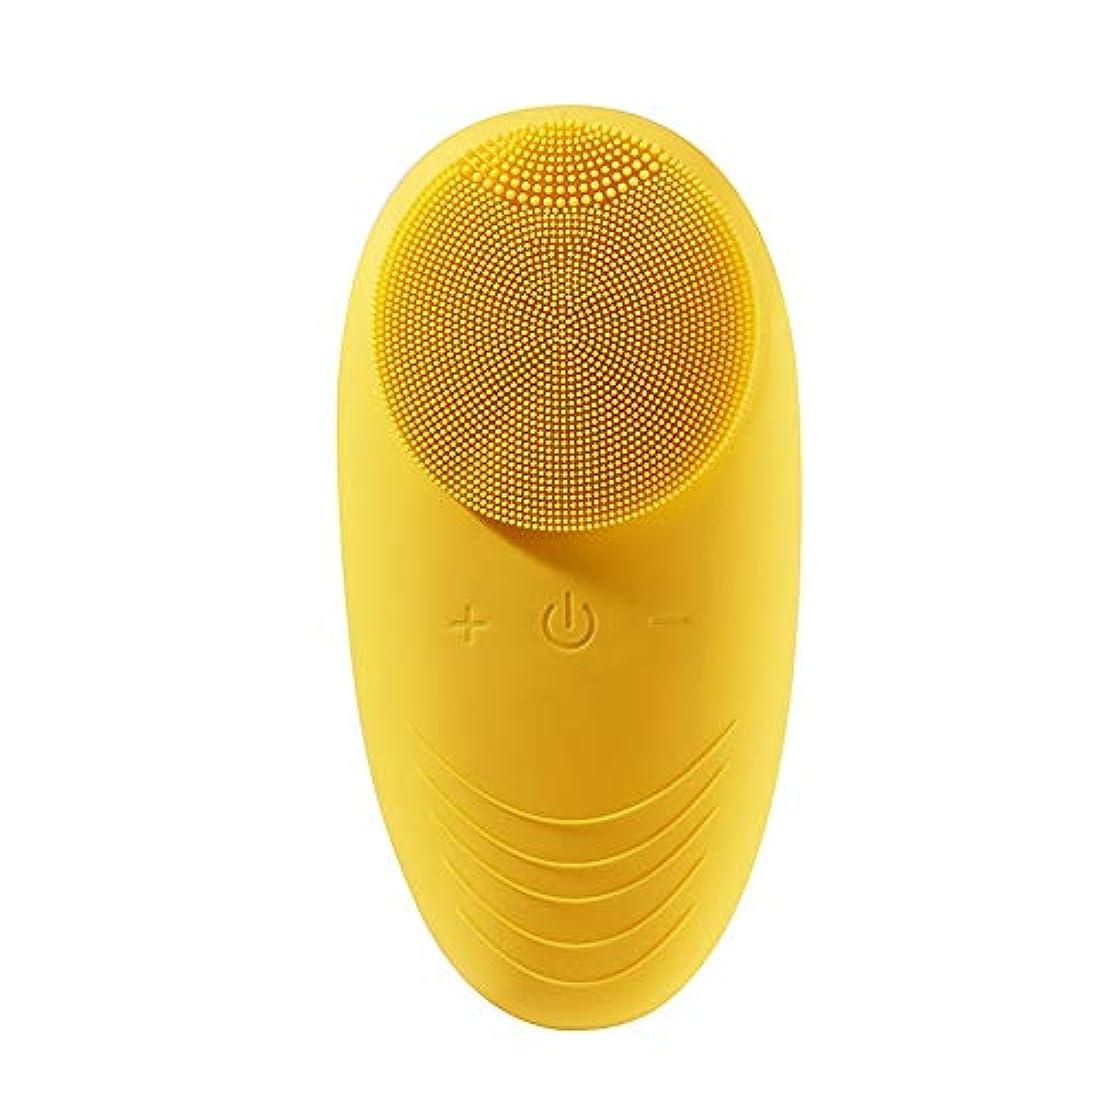 津波行方不明発行ZXF 電気シリコーン防水クレンジングブラシディープクリーニングポア超音波振動クレンジング器具美容器具 滑らかである (色 : Yellow)